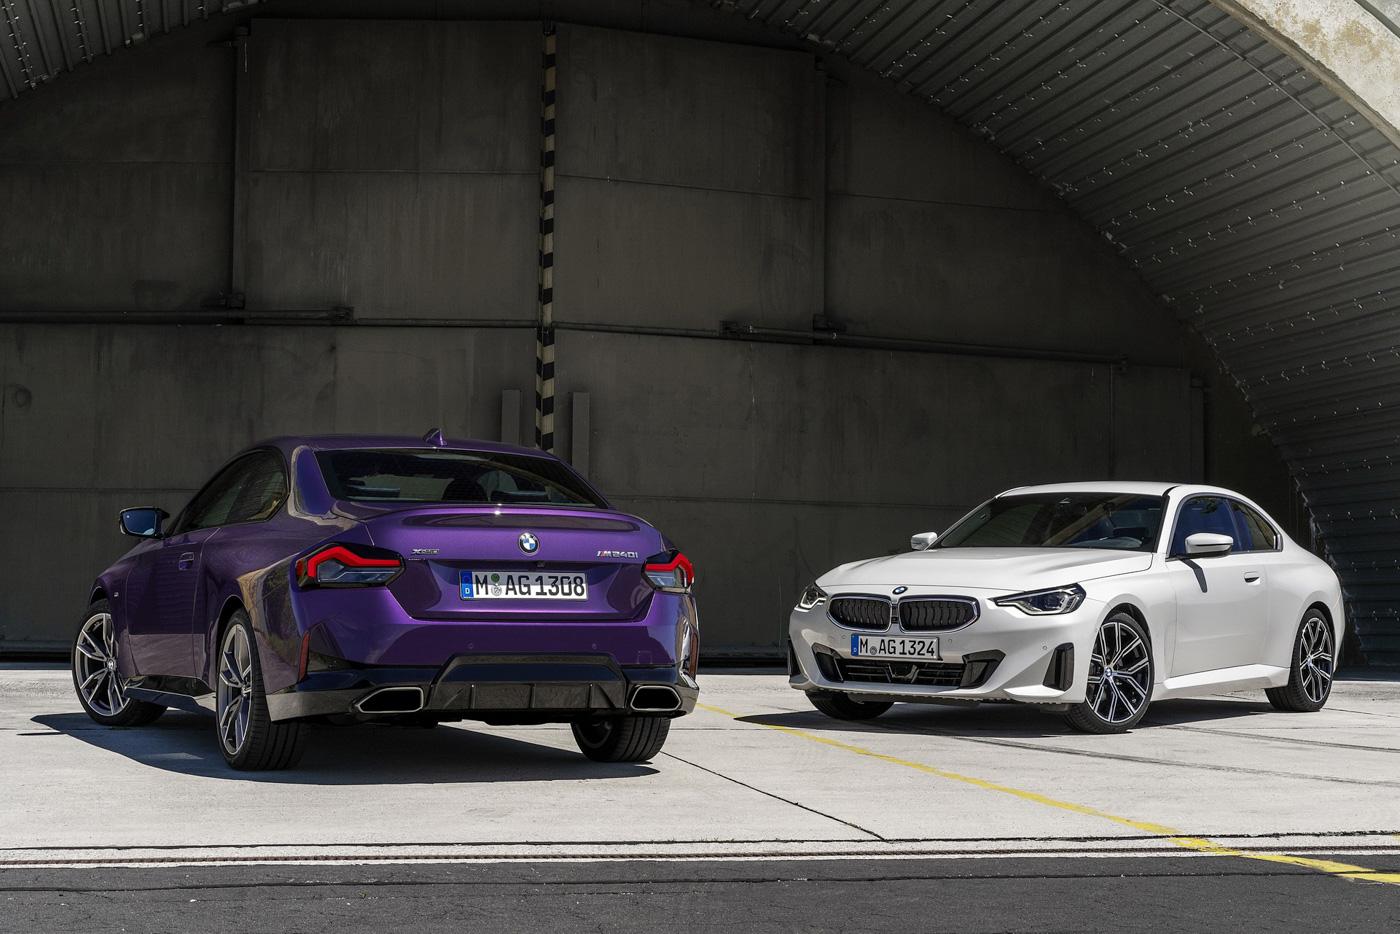 BMW-2-series-2022-ra-mắt-với-giá-bán-từ-36350-usd-27.jpg